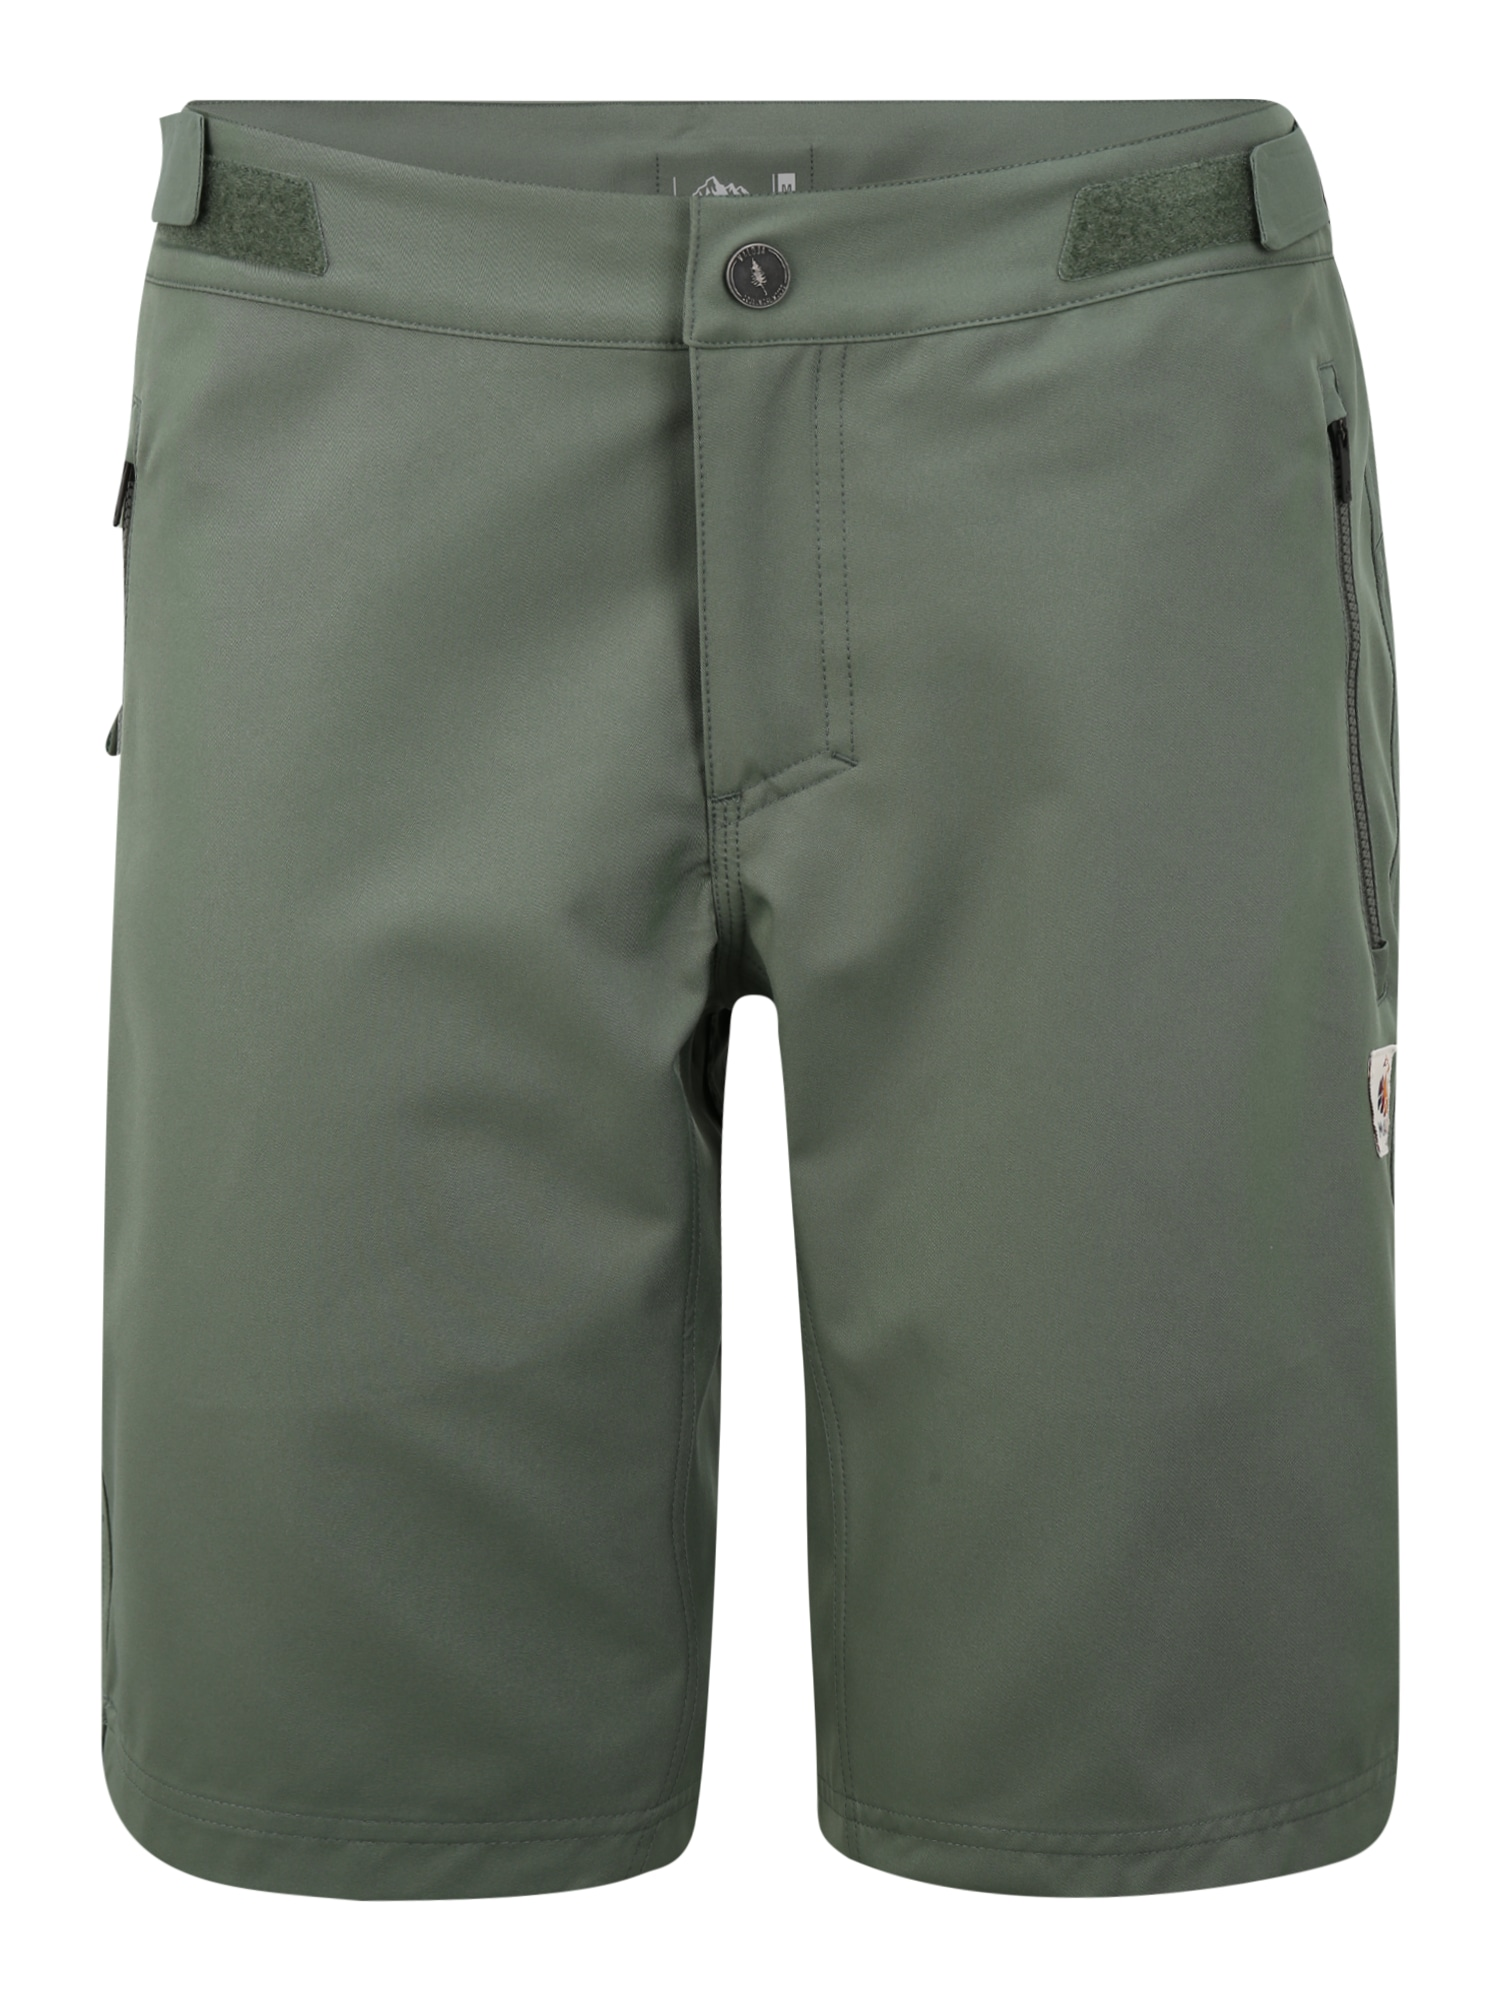 Maloja Sportinės kelnės 'BardinM.' žalia